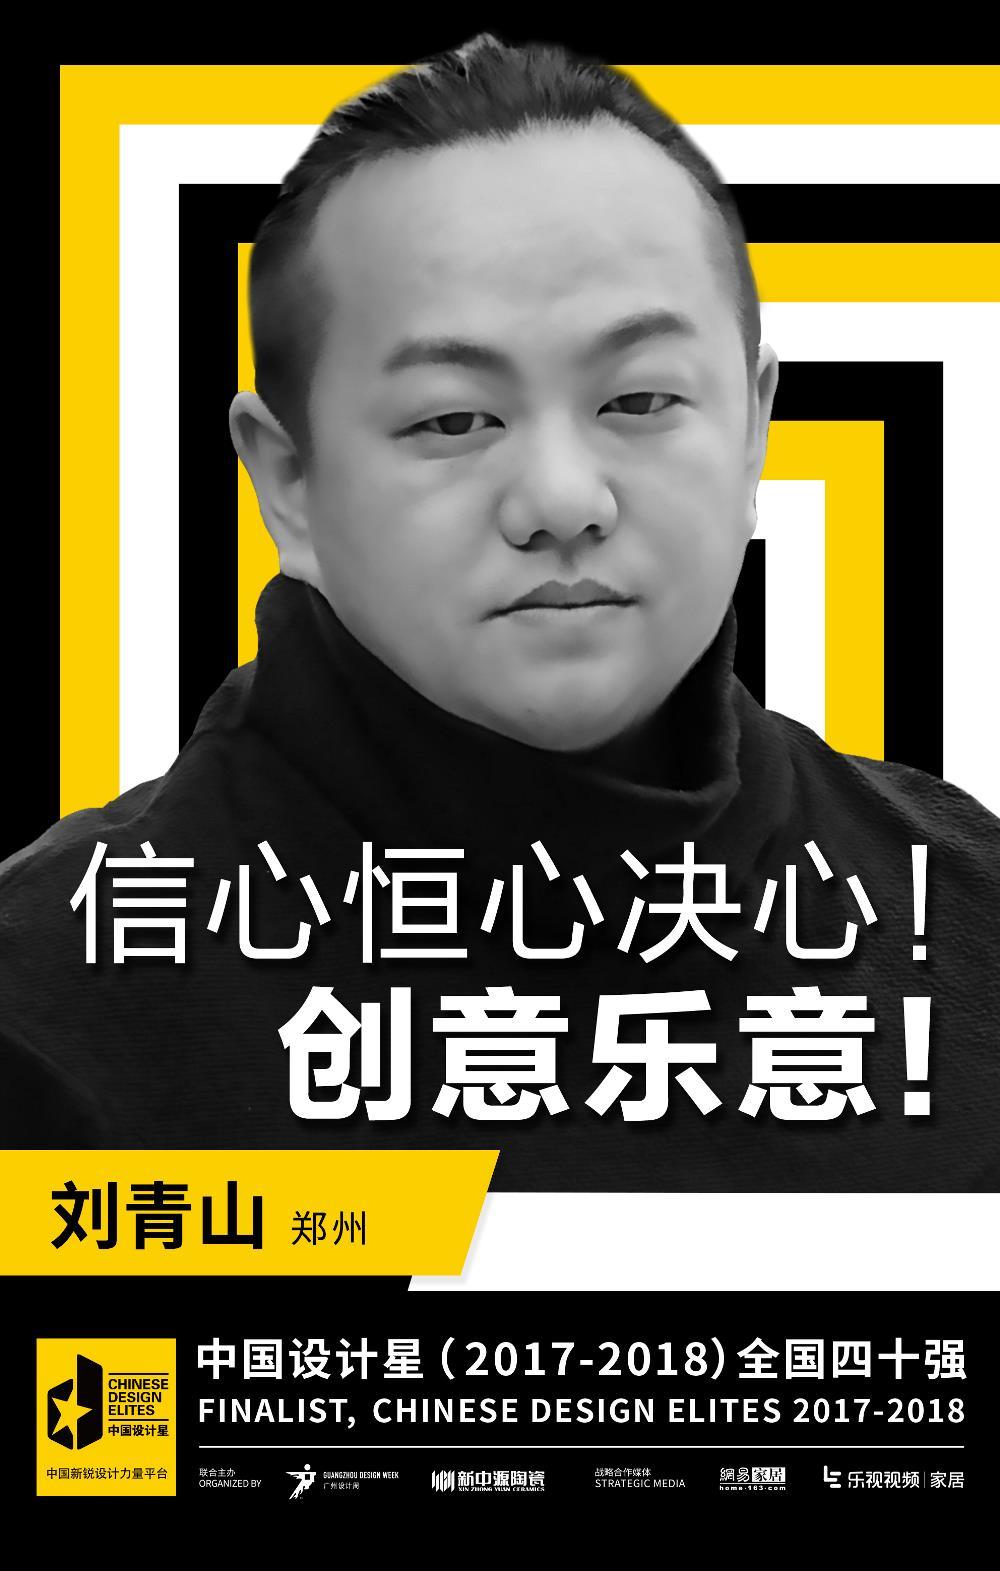 刘青山.jpg